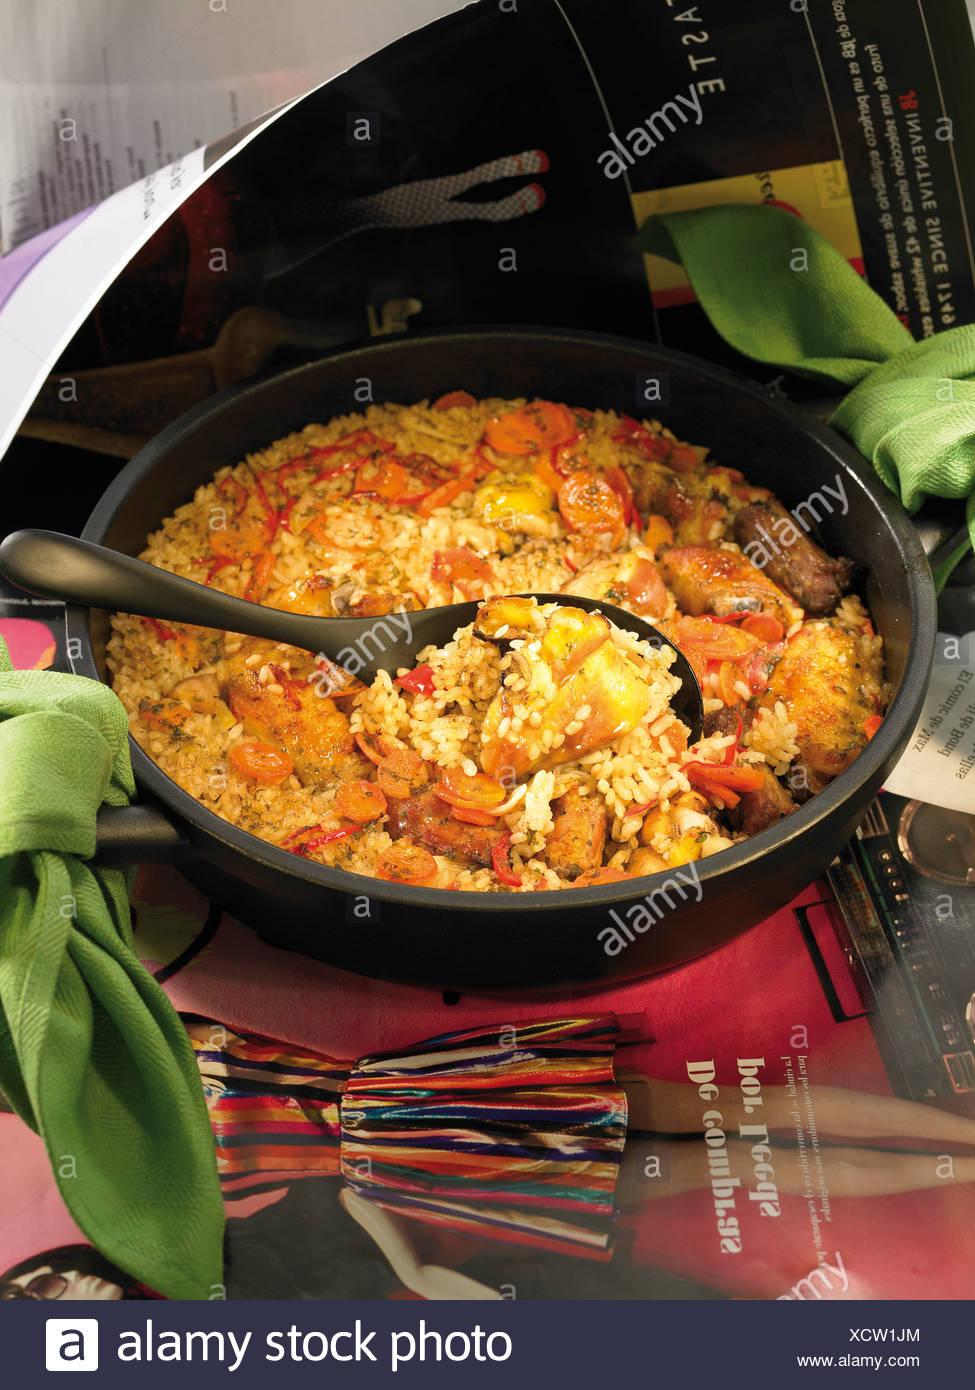 Le riz du pauvre avec des carottes, saucisses et poulet Photo Stock